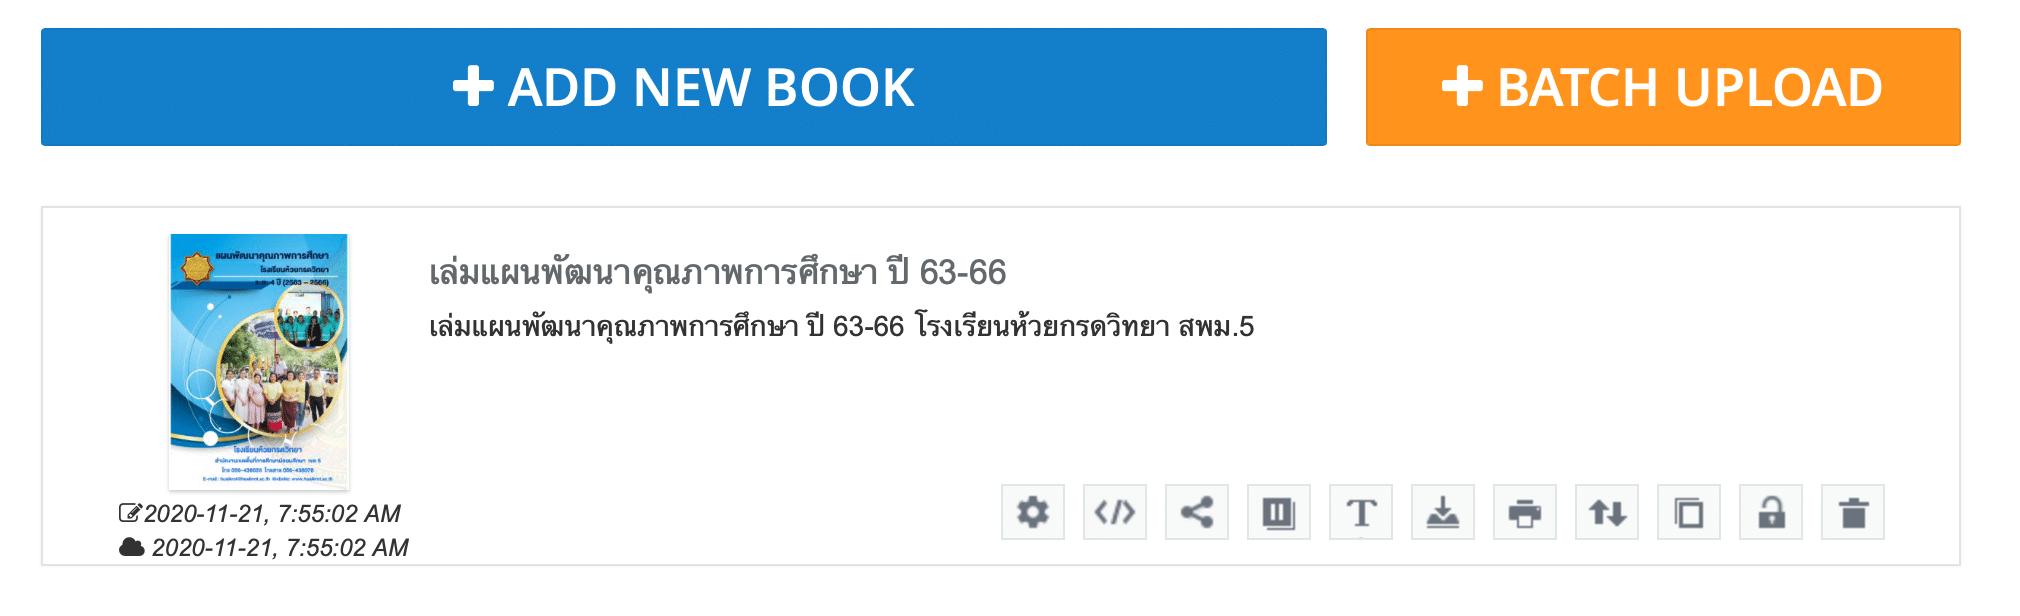 ปรากฎรายการหนังสือ E-Book ที่ได้สร้างไว้